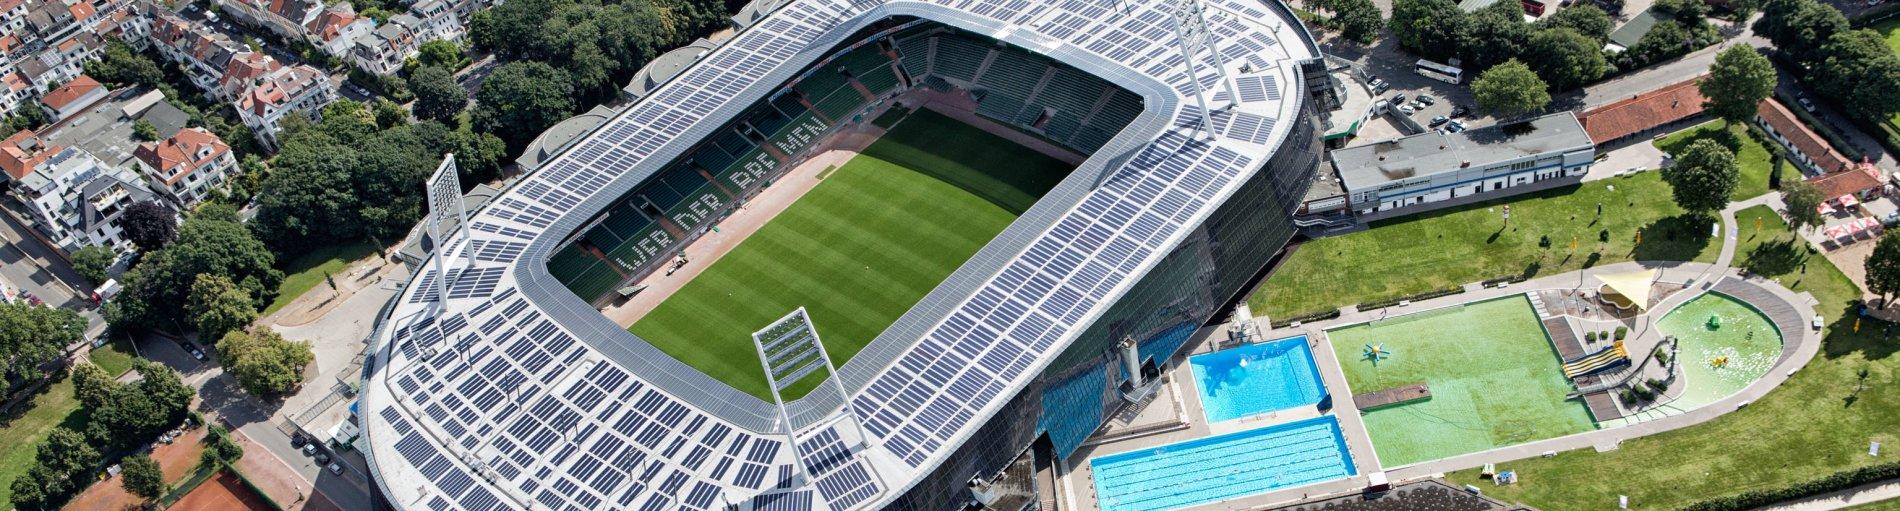 Ansicht des Weser-Stadions aus der Luftperspektive